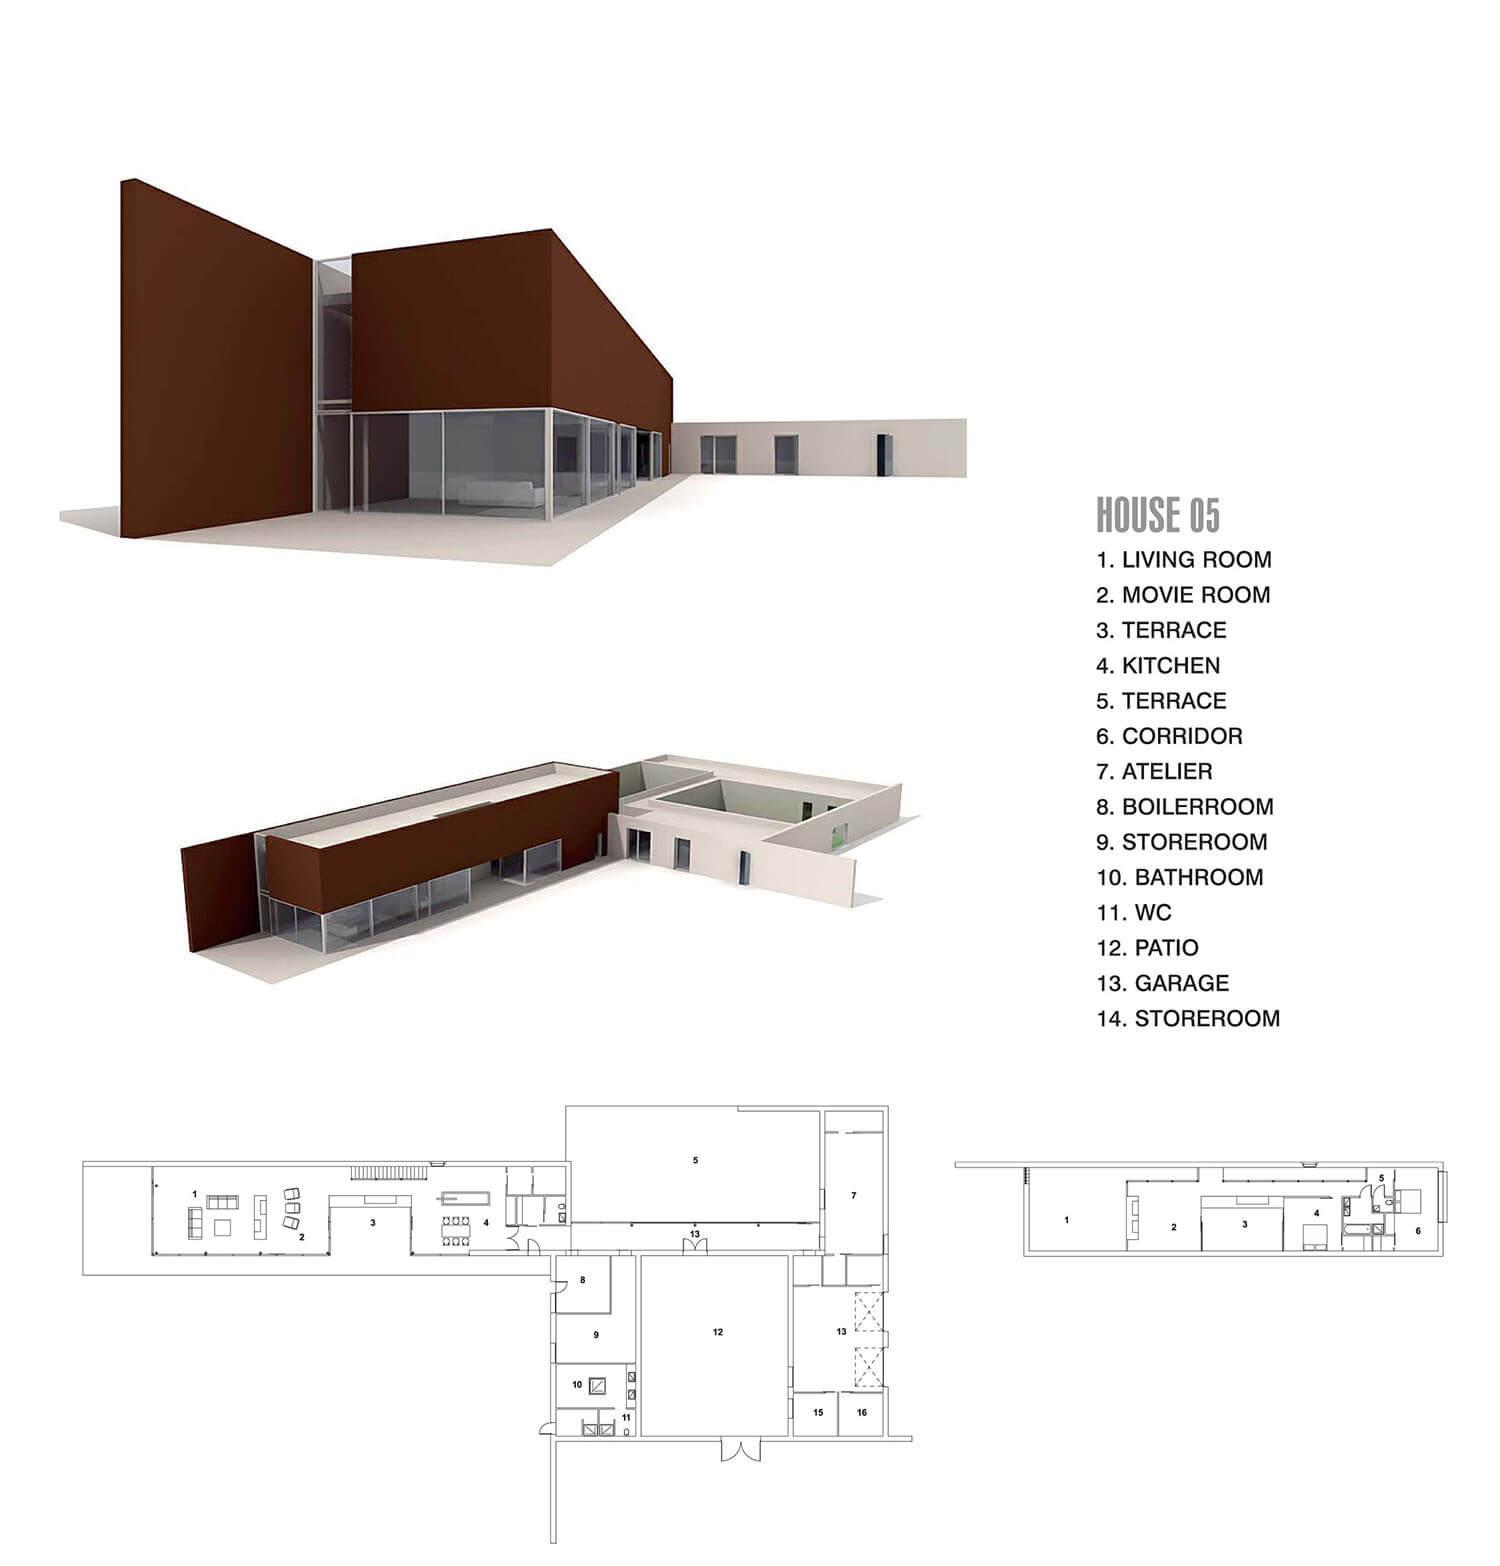 Biệt thự thoáng rộng dưới tầng 1 nhưng lại kín, đặc ở tầng 2